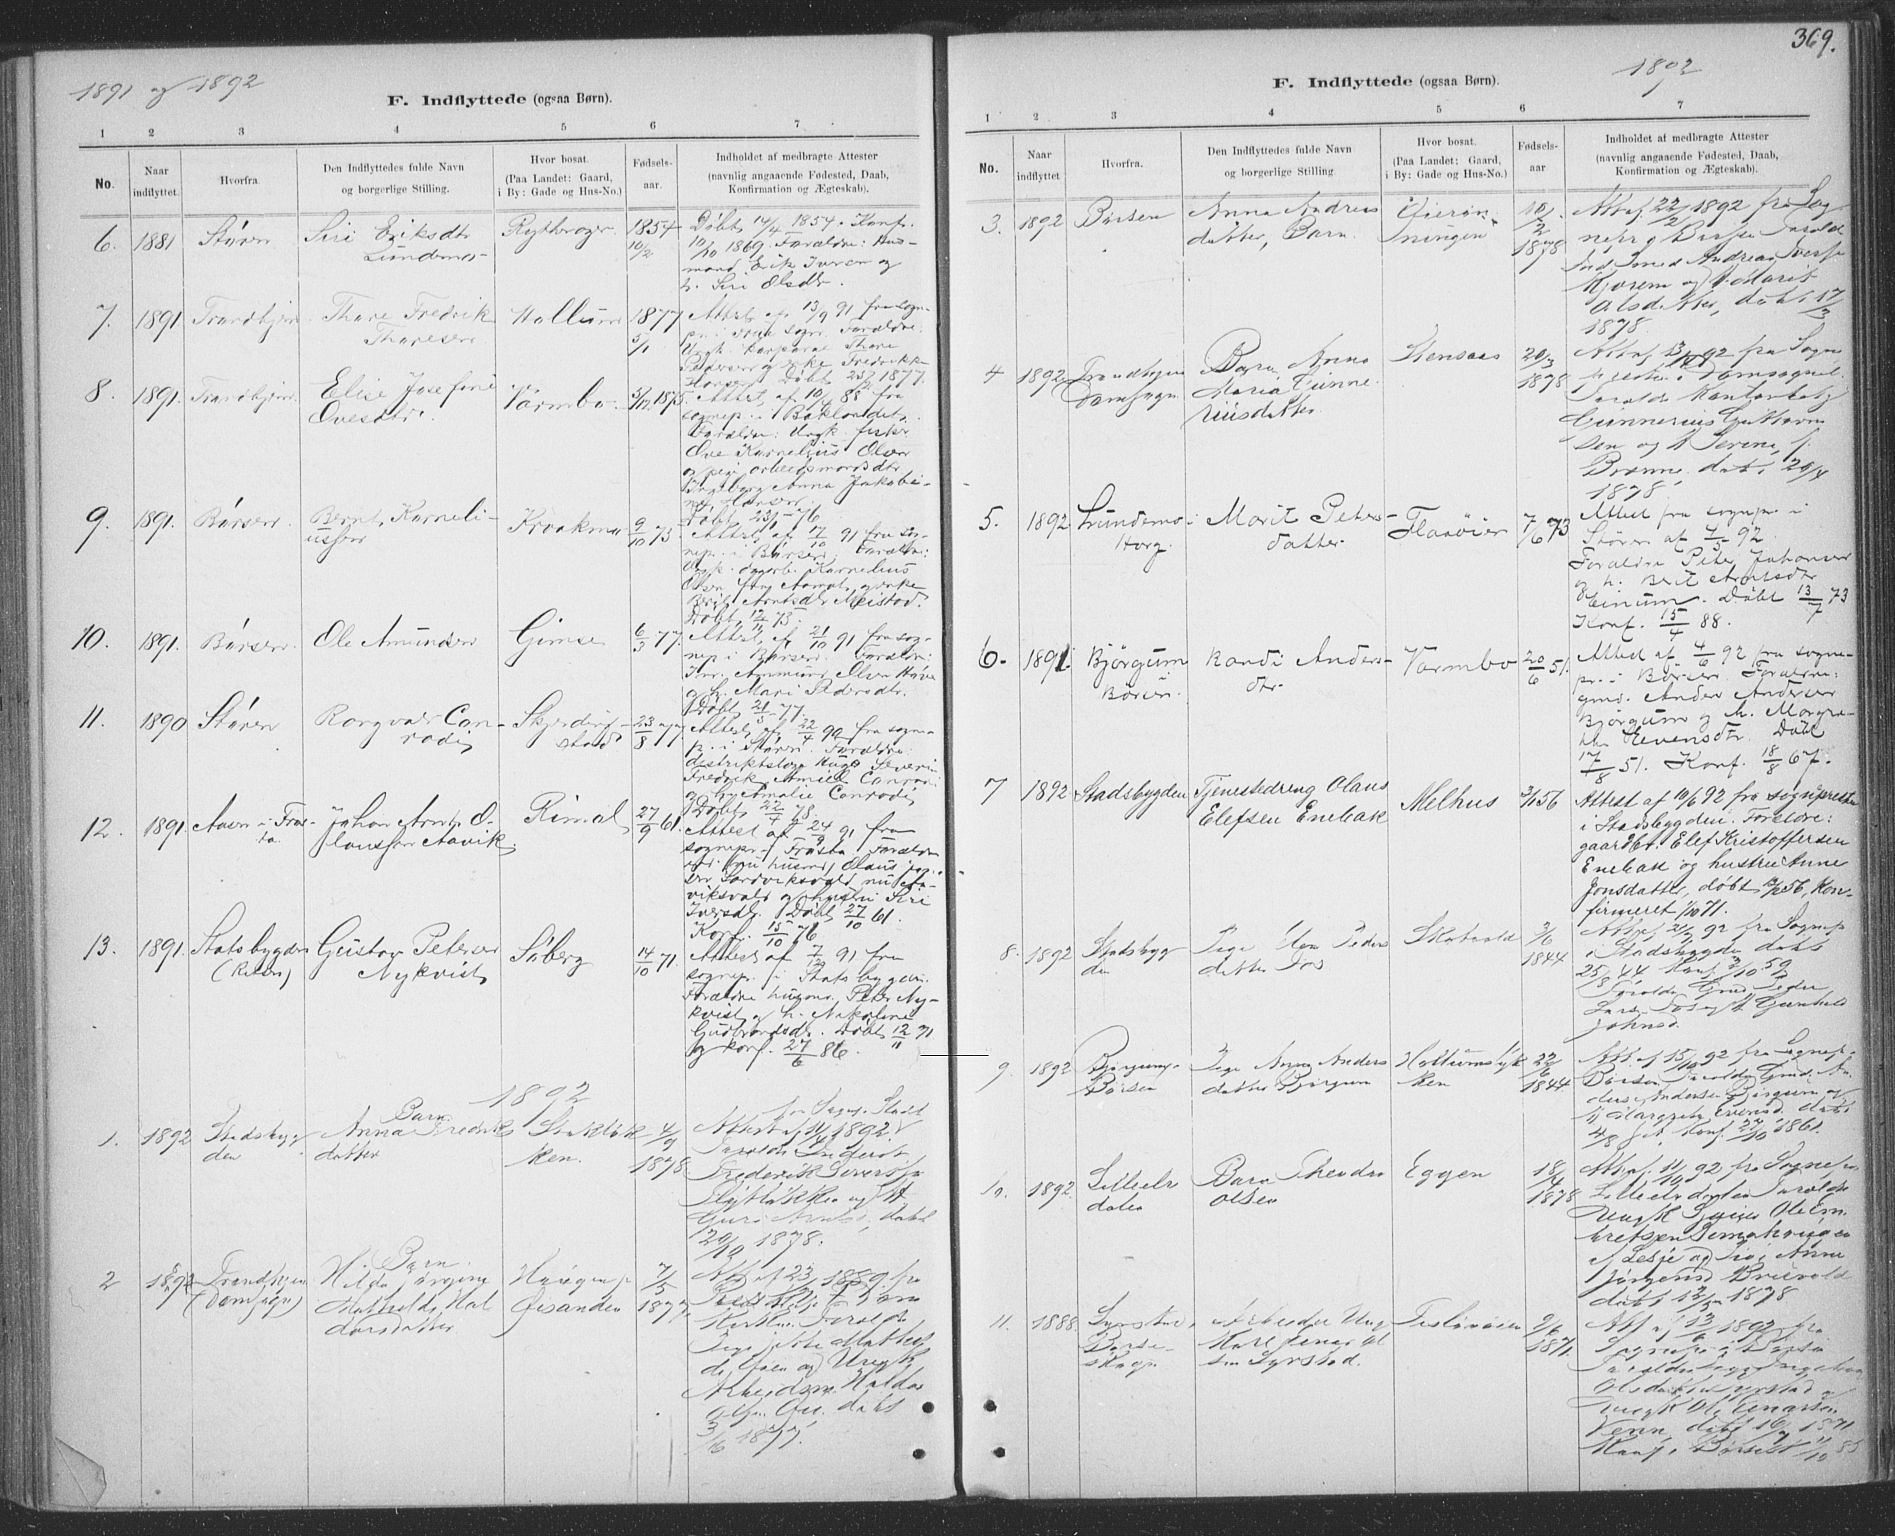 SAT, Ministerialprotokoller, klokkerbøker og fødselsregistre - Sør-Trøndelag, 691/L1085: Ministerialbok nr. 691A17, 1887-1908, s. 369